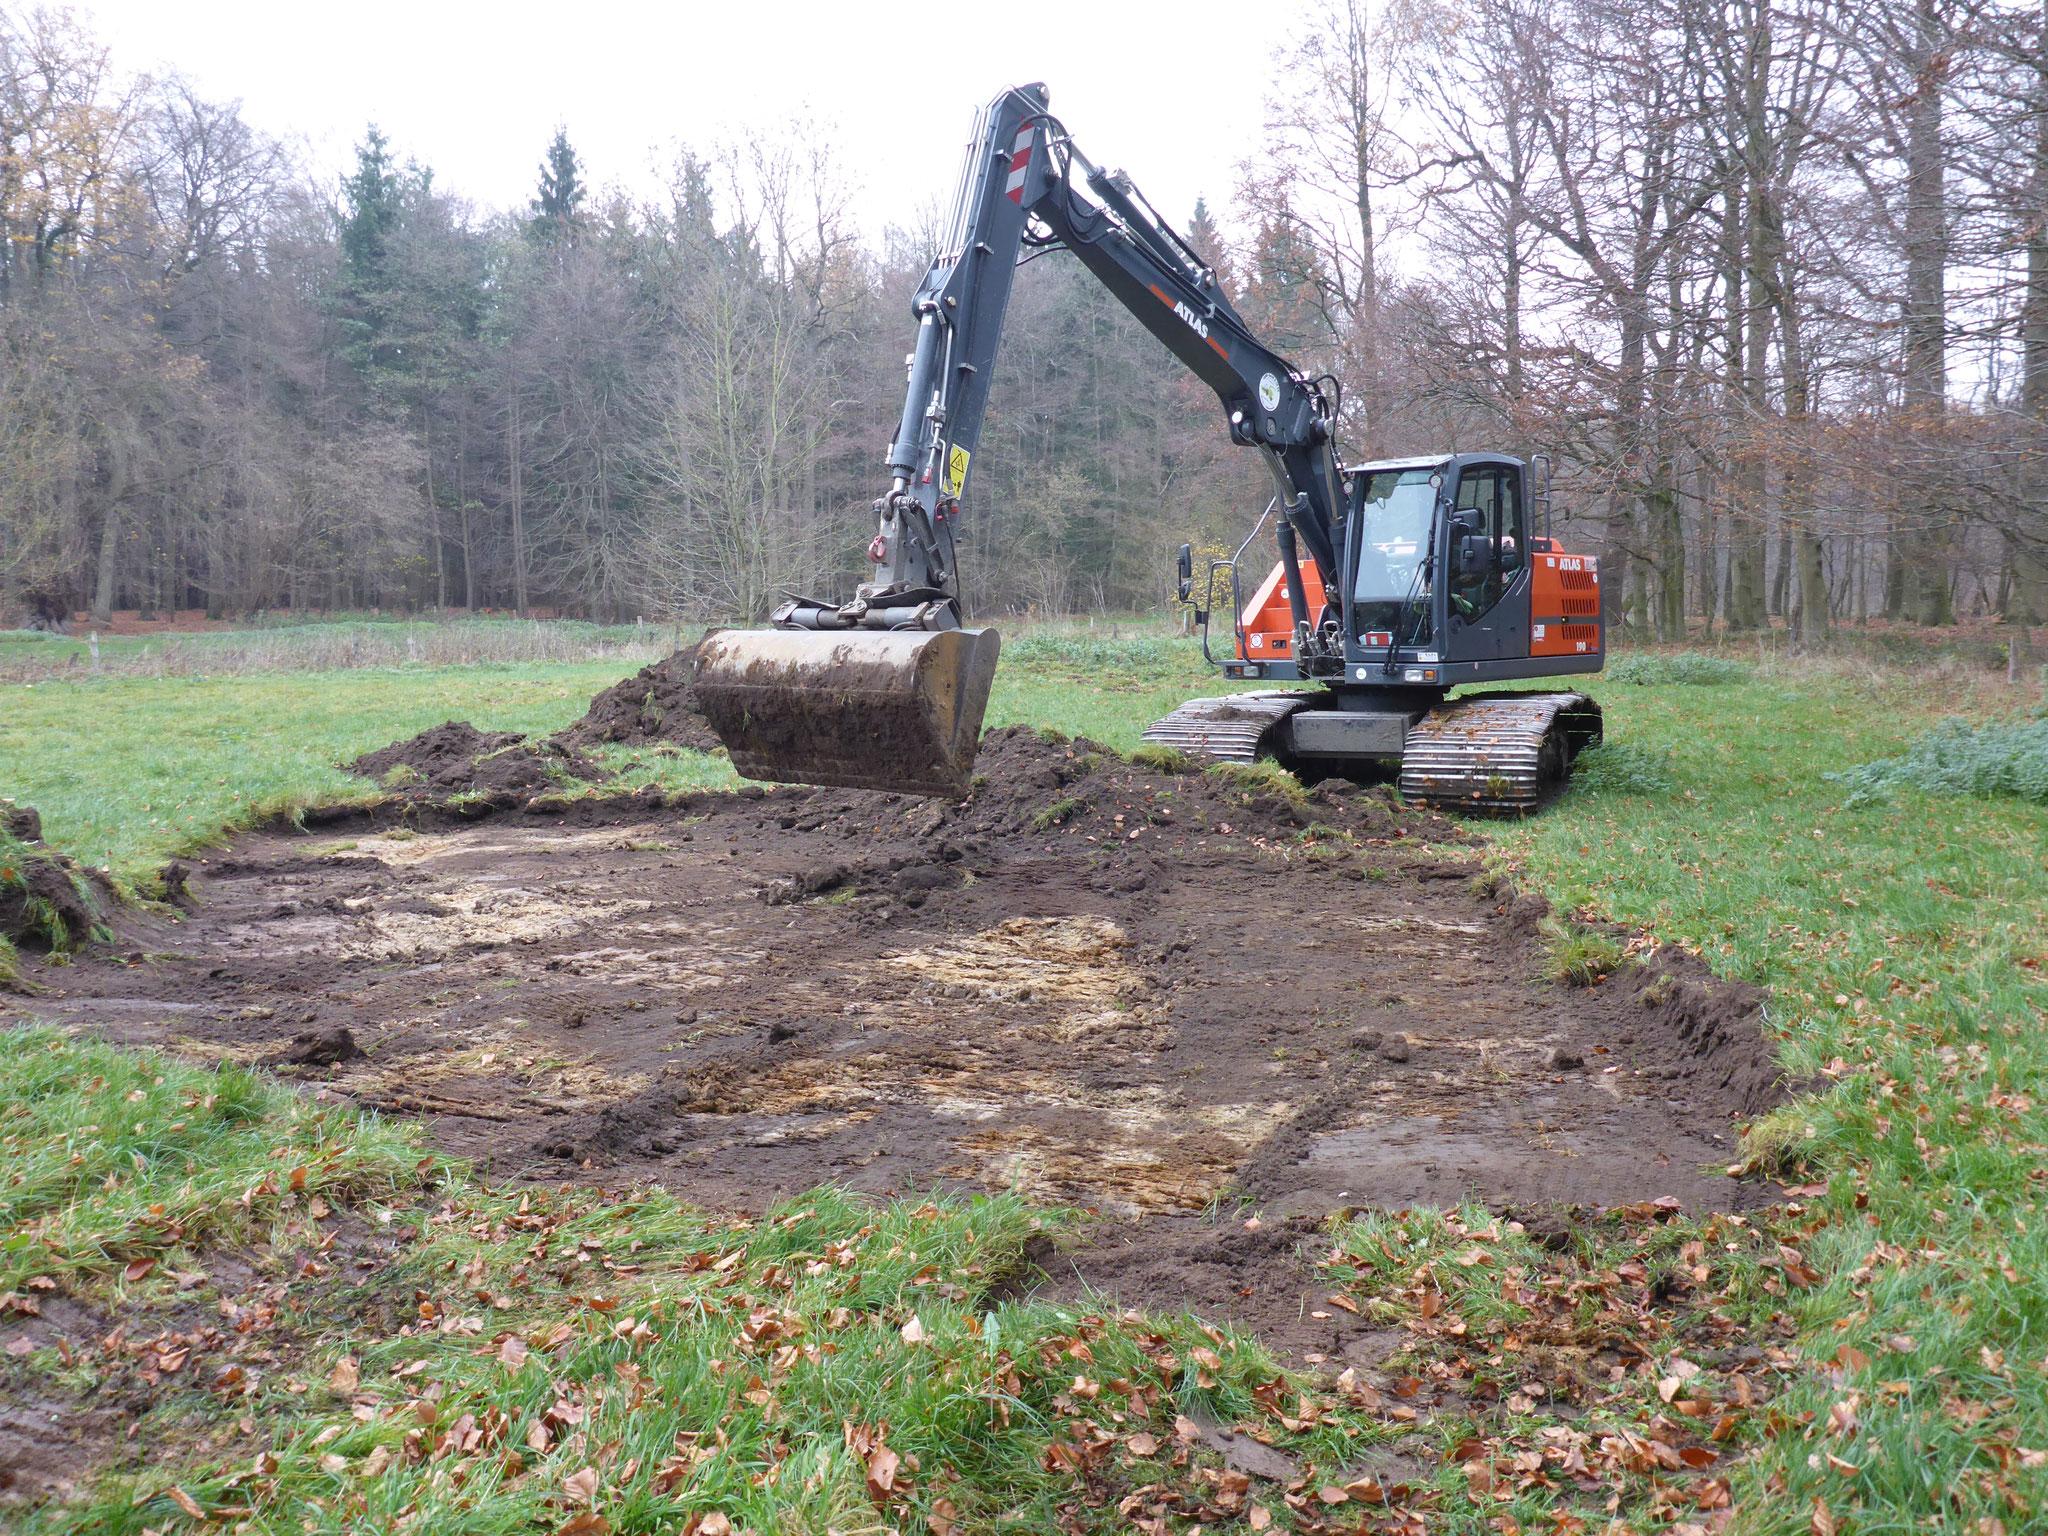 Beginn des Baus eines Kammmolch-Gewässers im Herbst 2018.